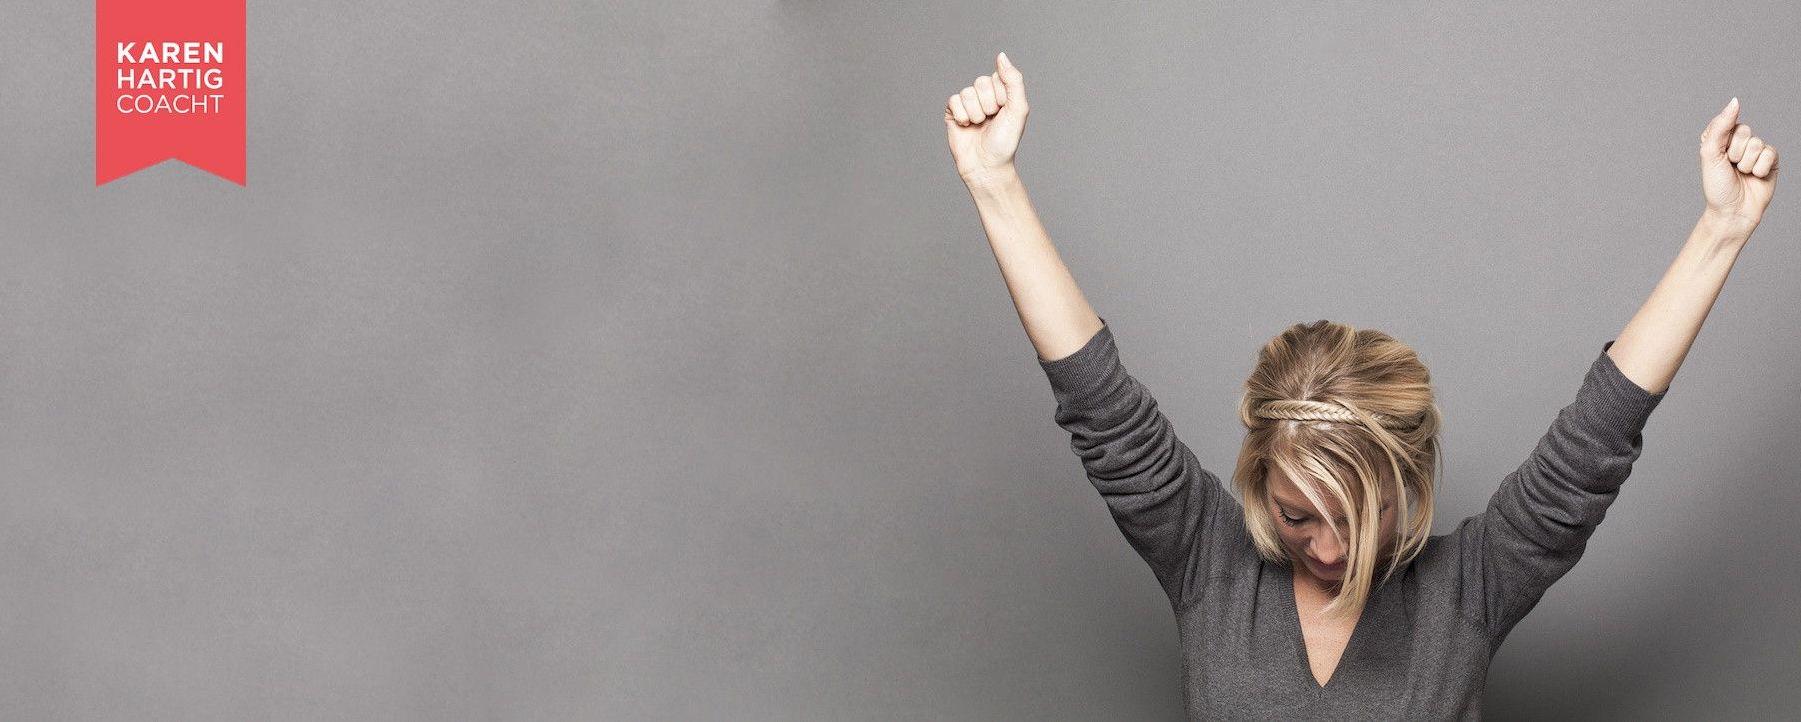 Eine Frau triumphiert mit erhobenen Armen. Auftrittscoaching bei Karen Hartig Köln